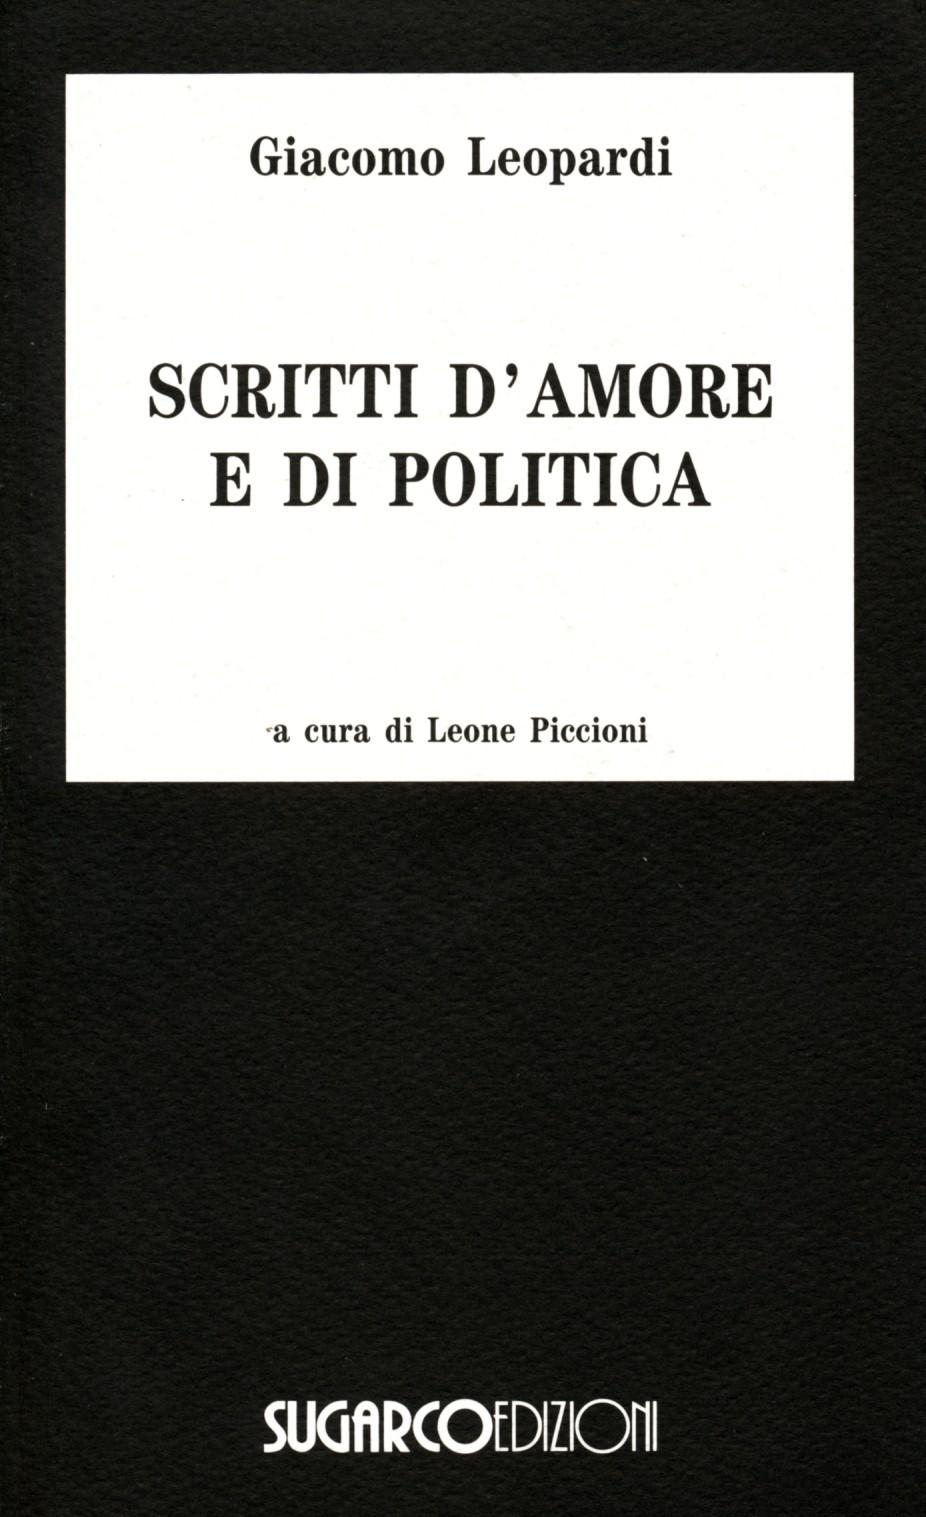 Scritti d'amore e di politica